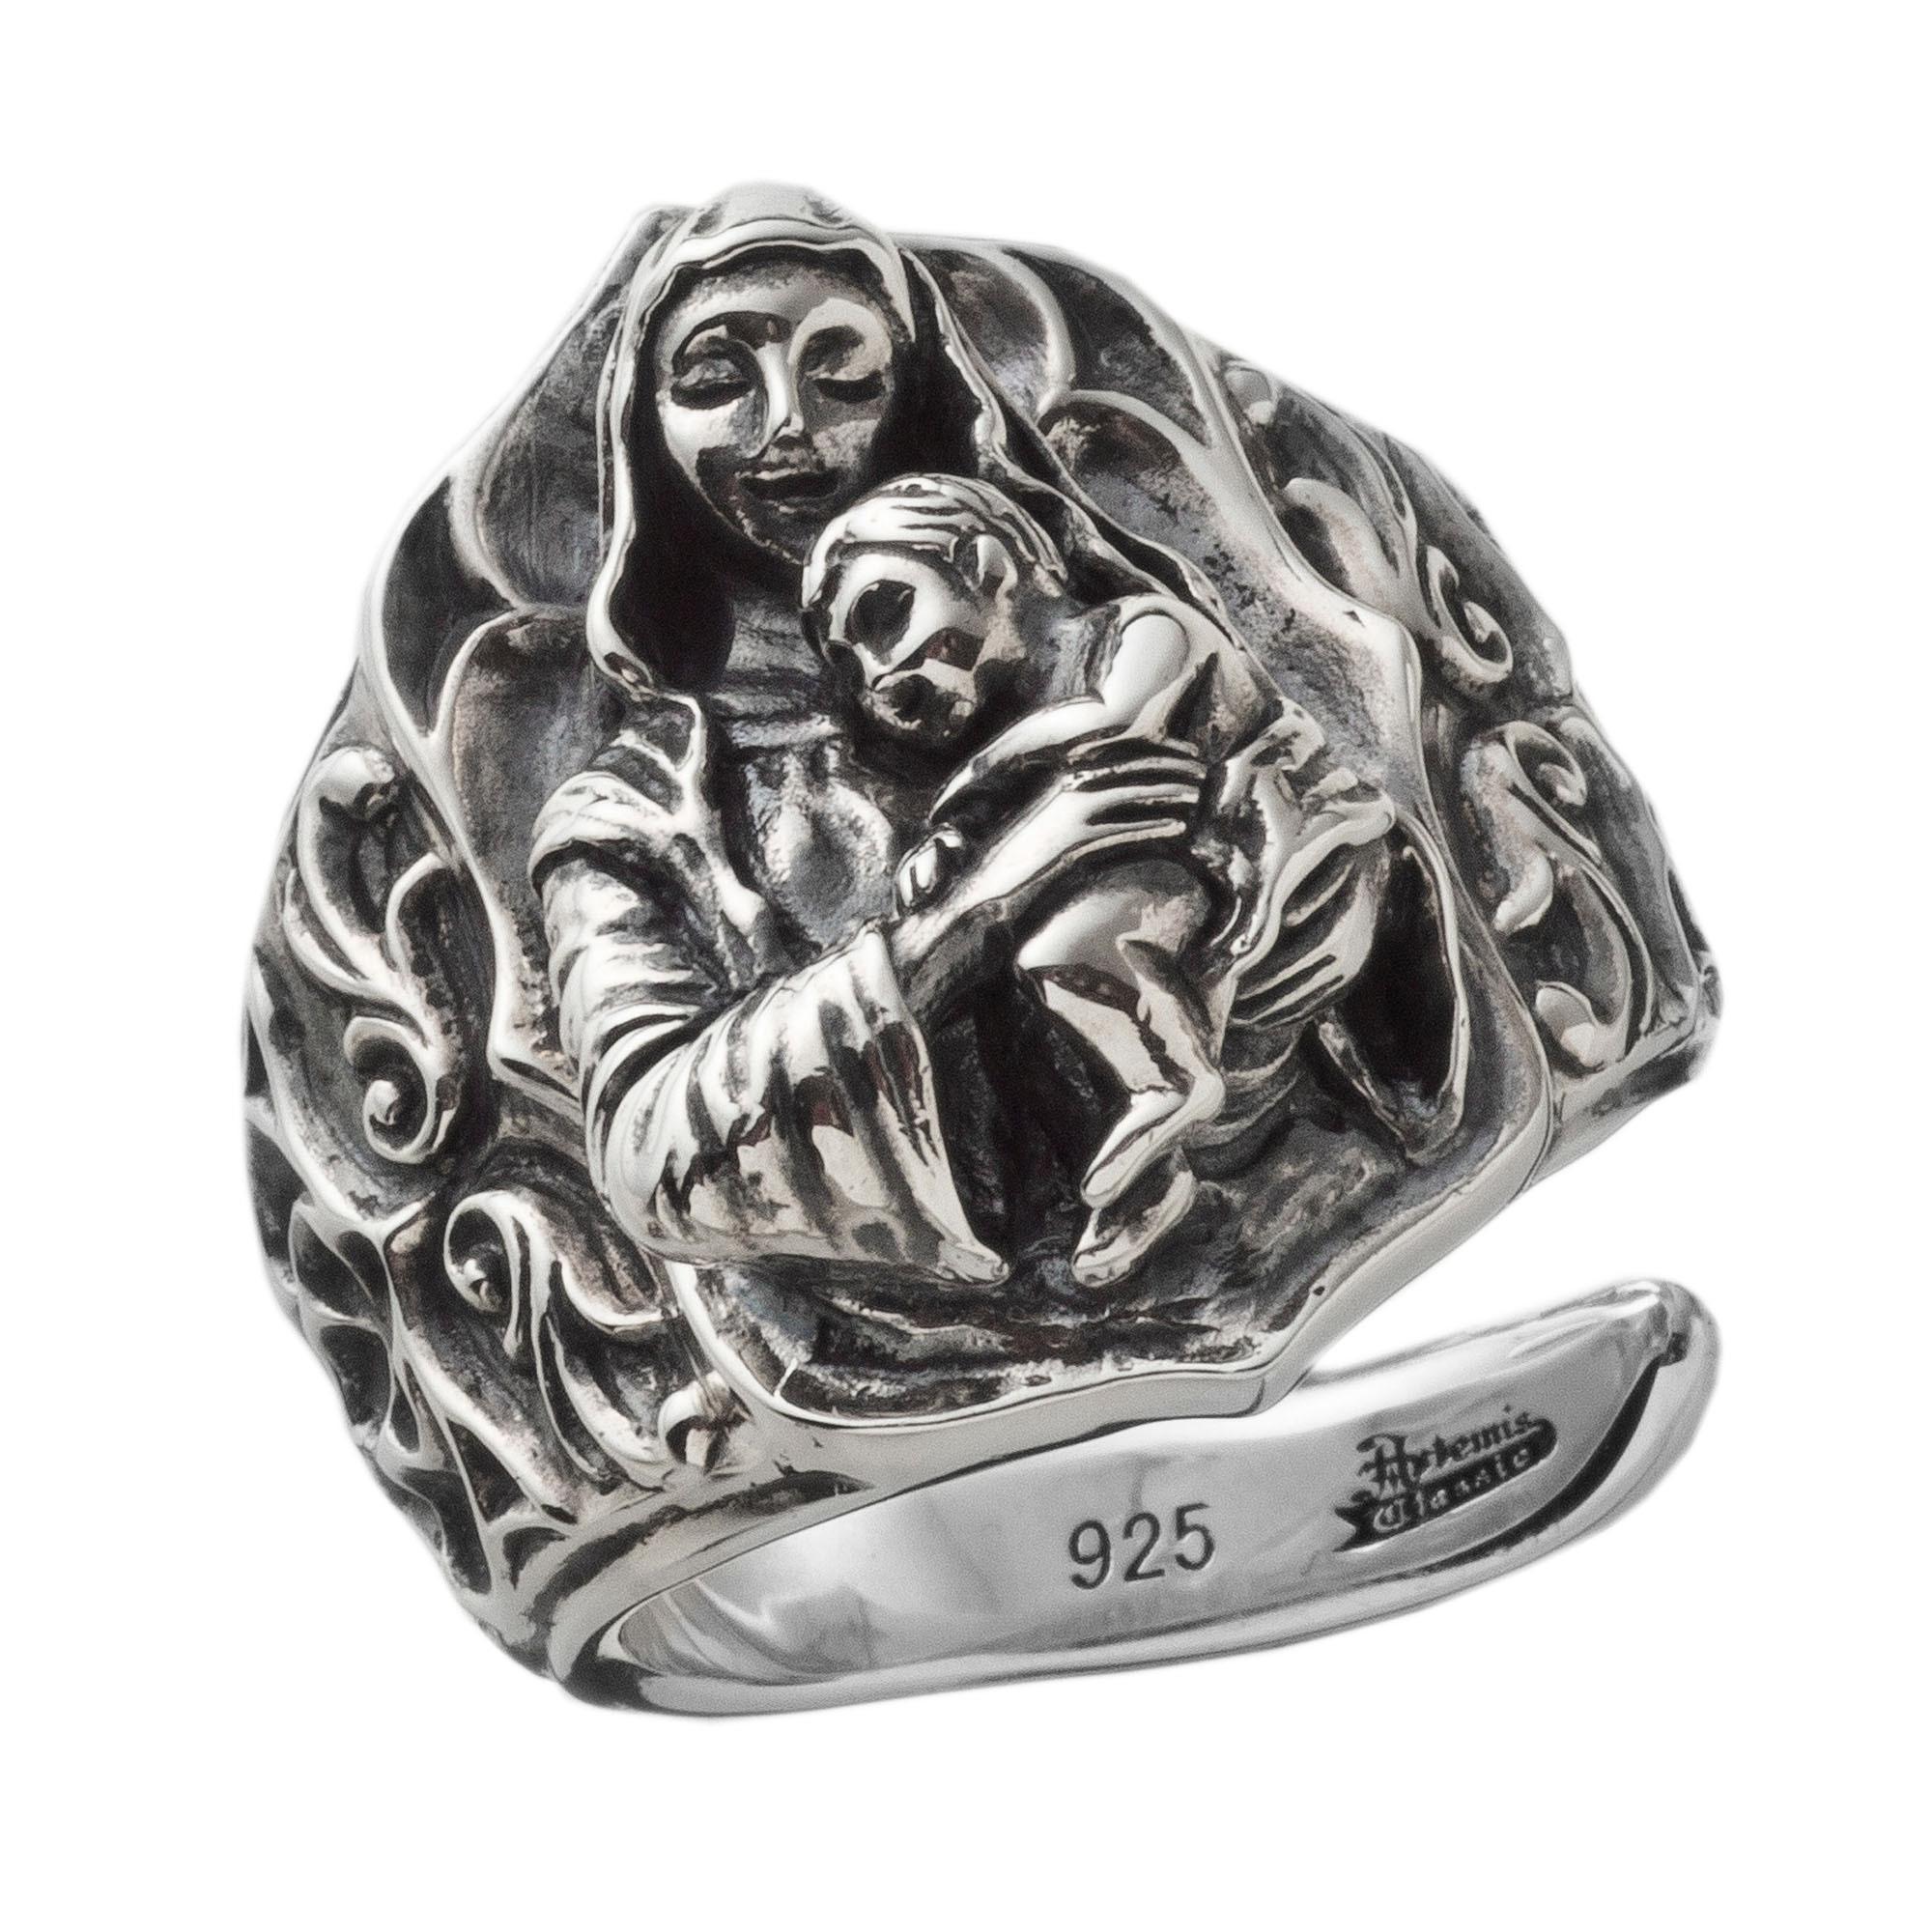 聖母子リング ACR0261 Madonna and Child Ring